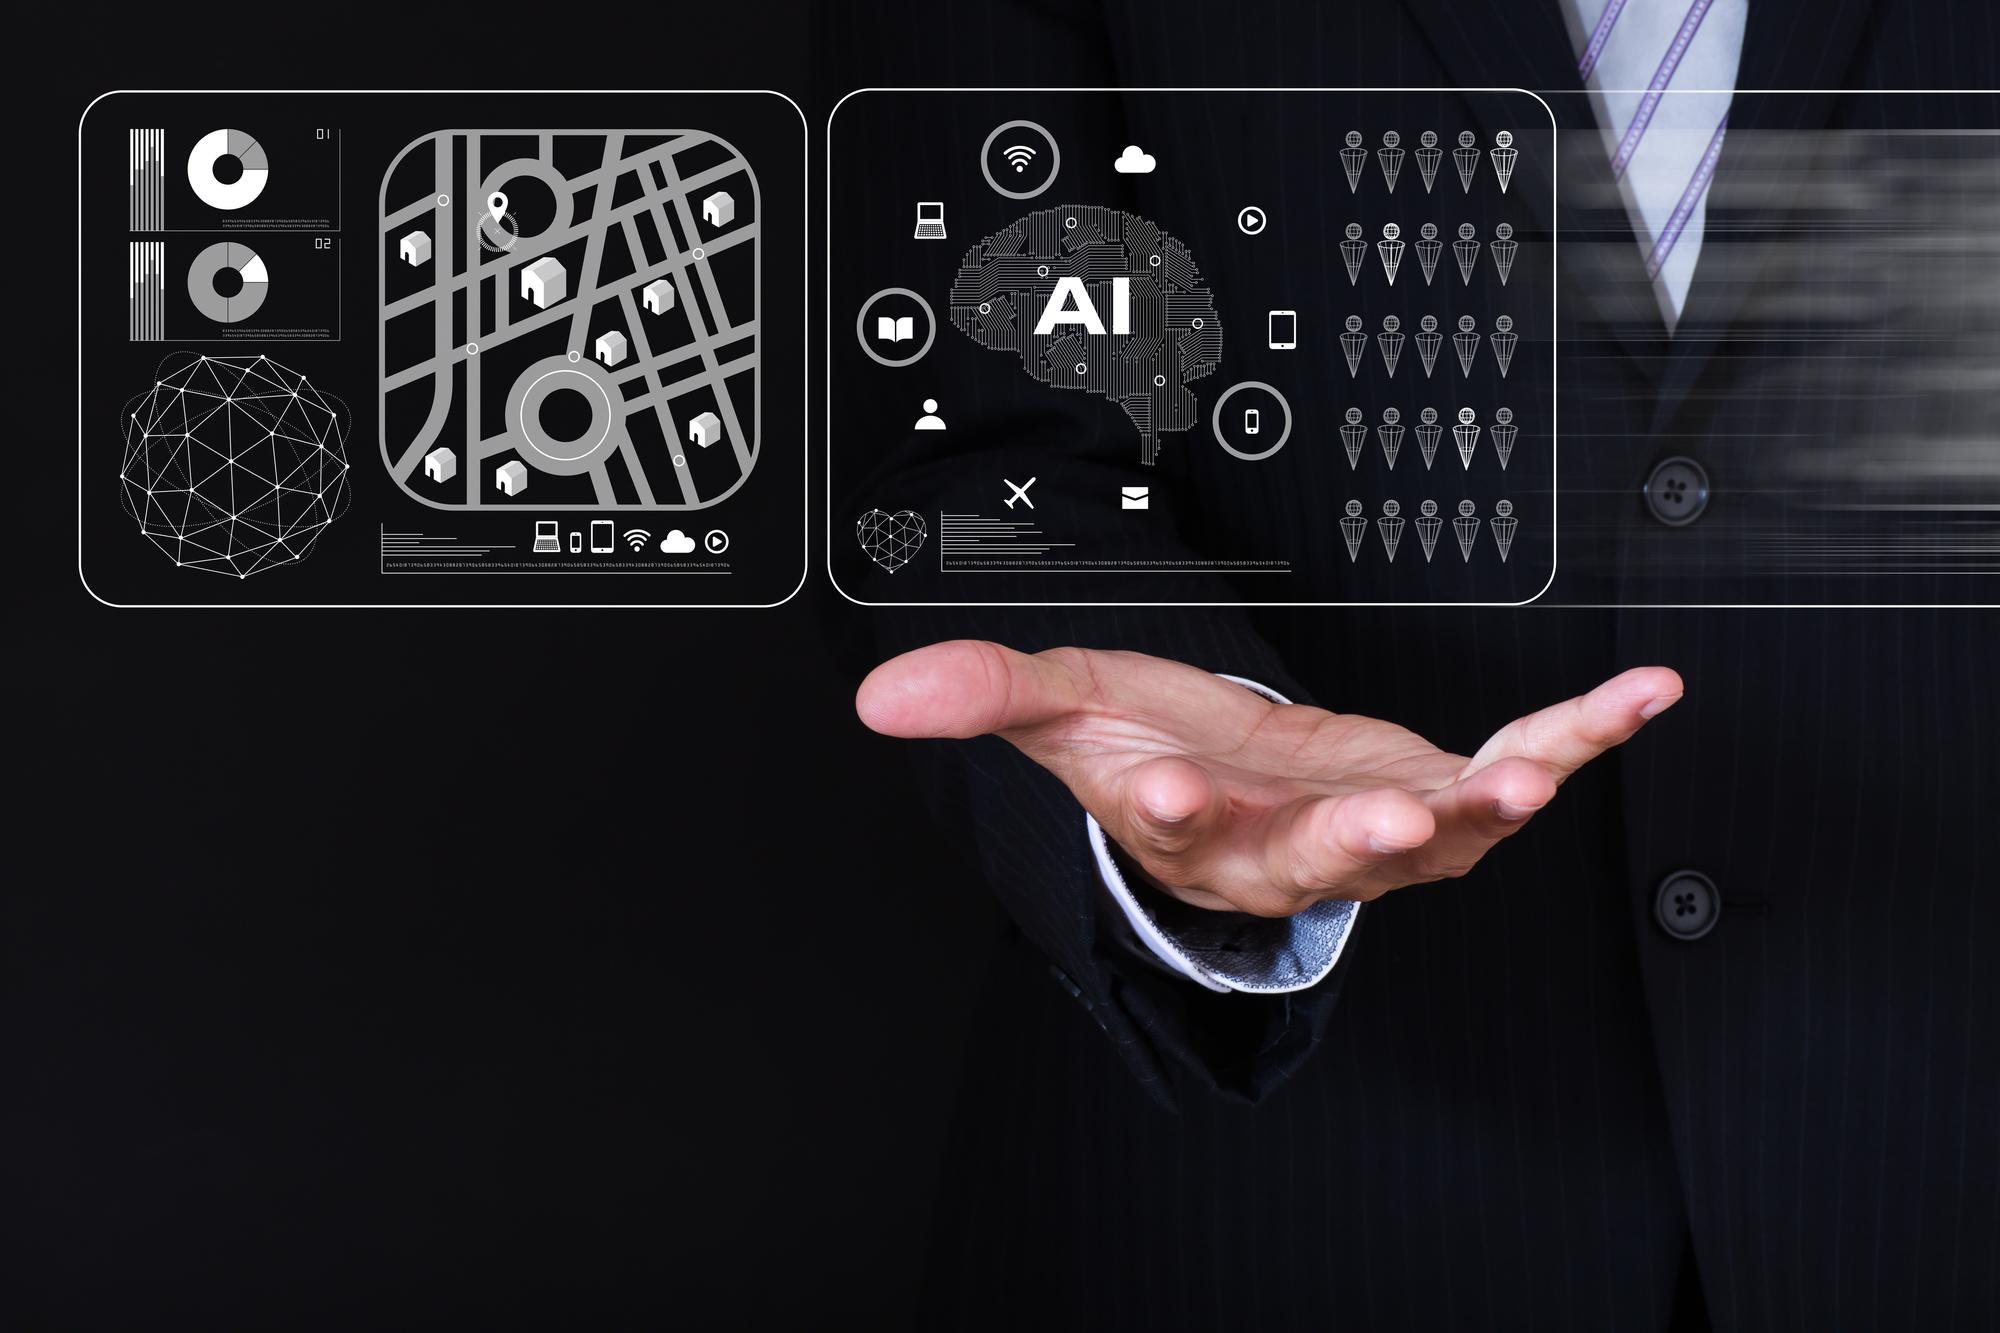 AI時代の新投資術 ・「ロボットアドバイザー(ロボアド)」の実力とは?〈Vol.2〉